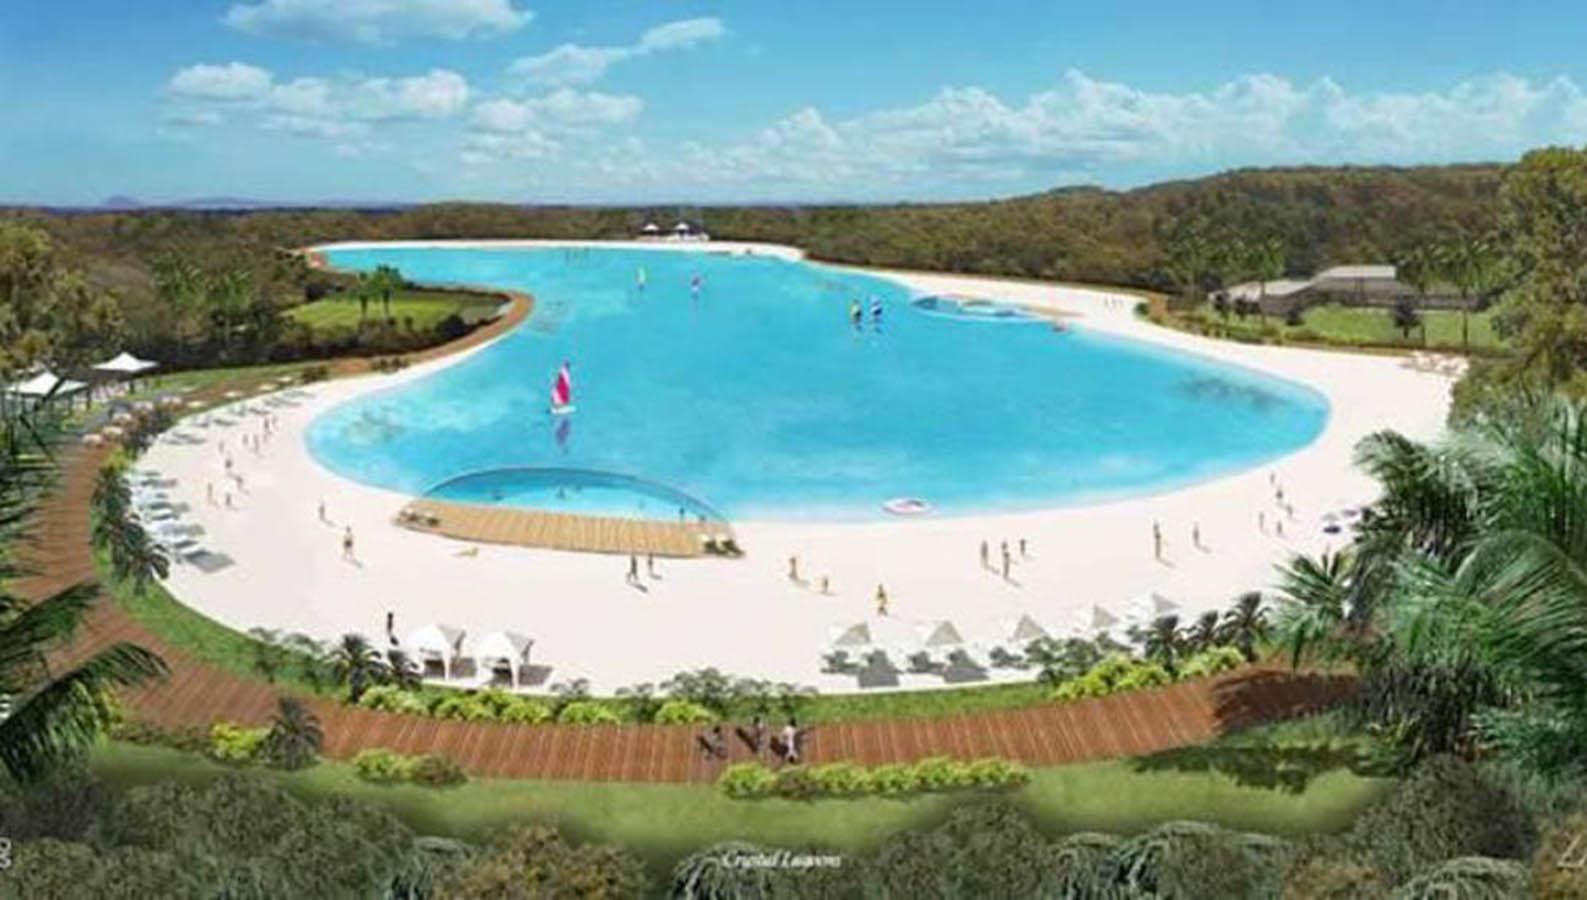 Live resorts madrid contraataca y ofrece una playa - Piscina torres de la alameda ...